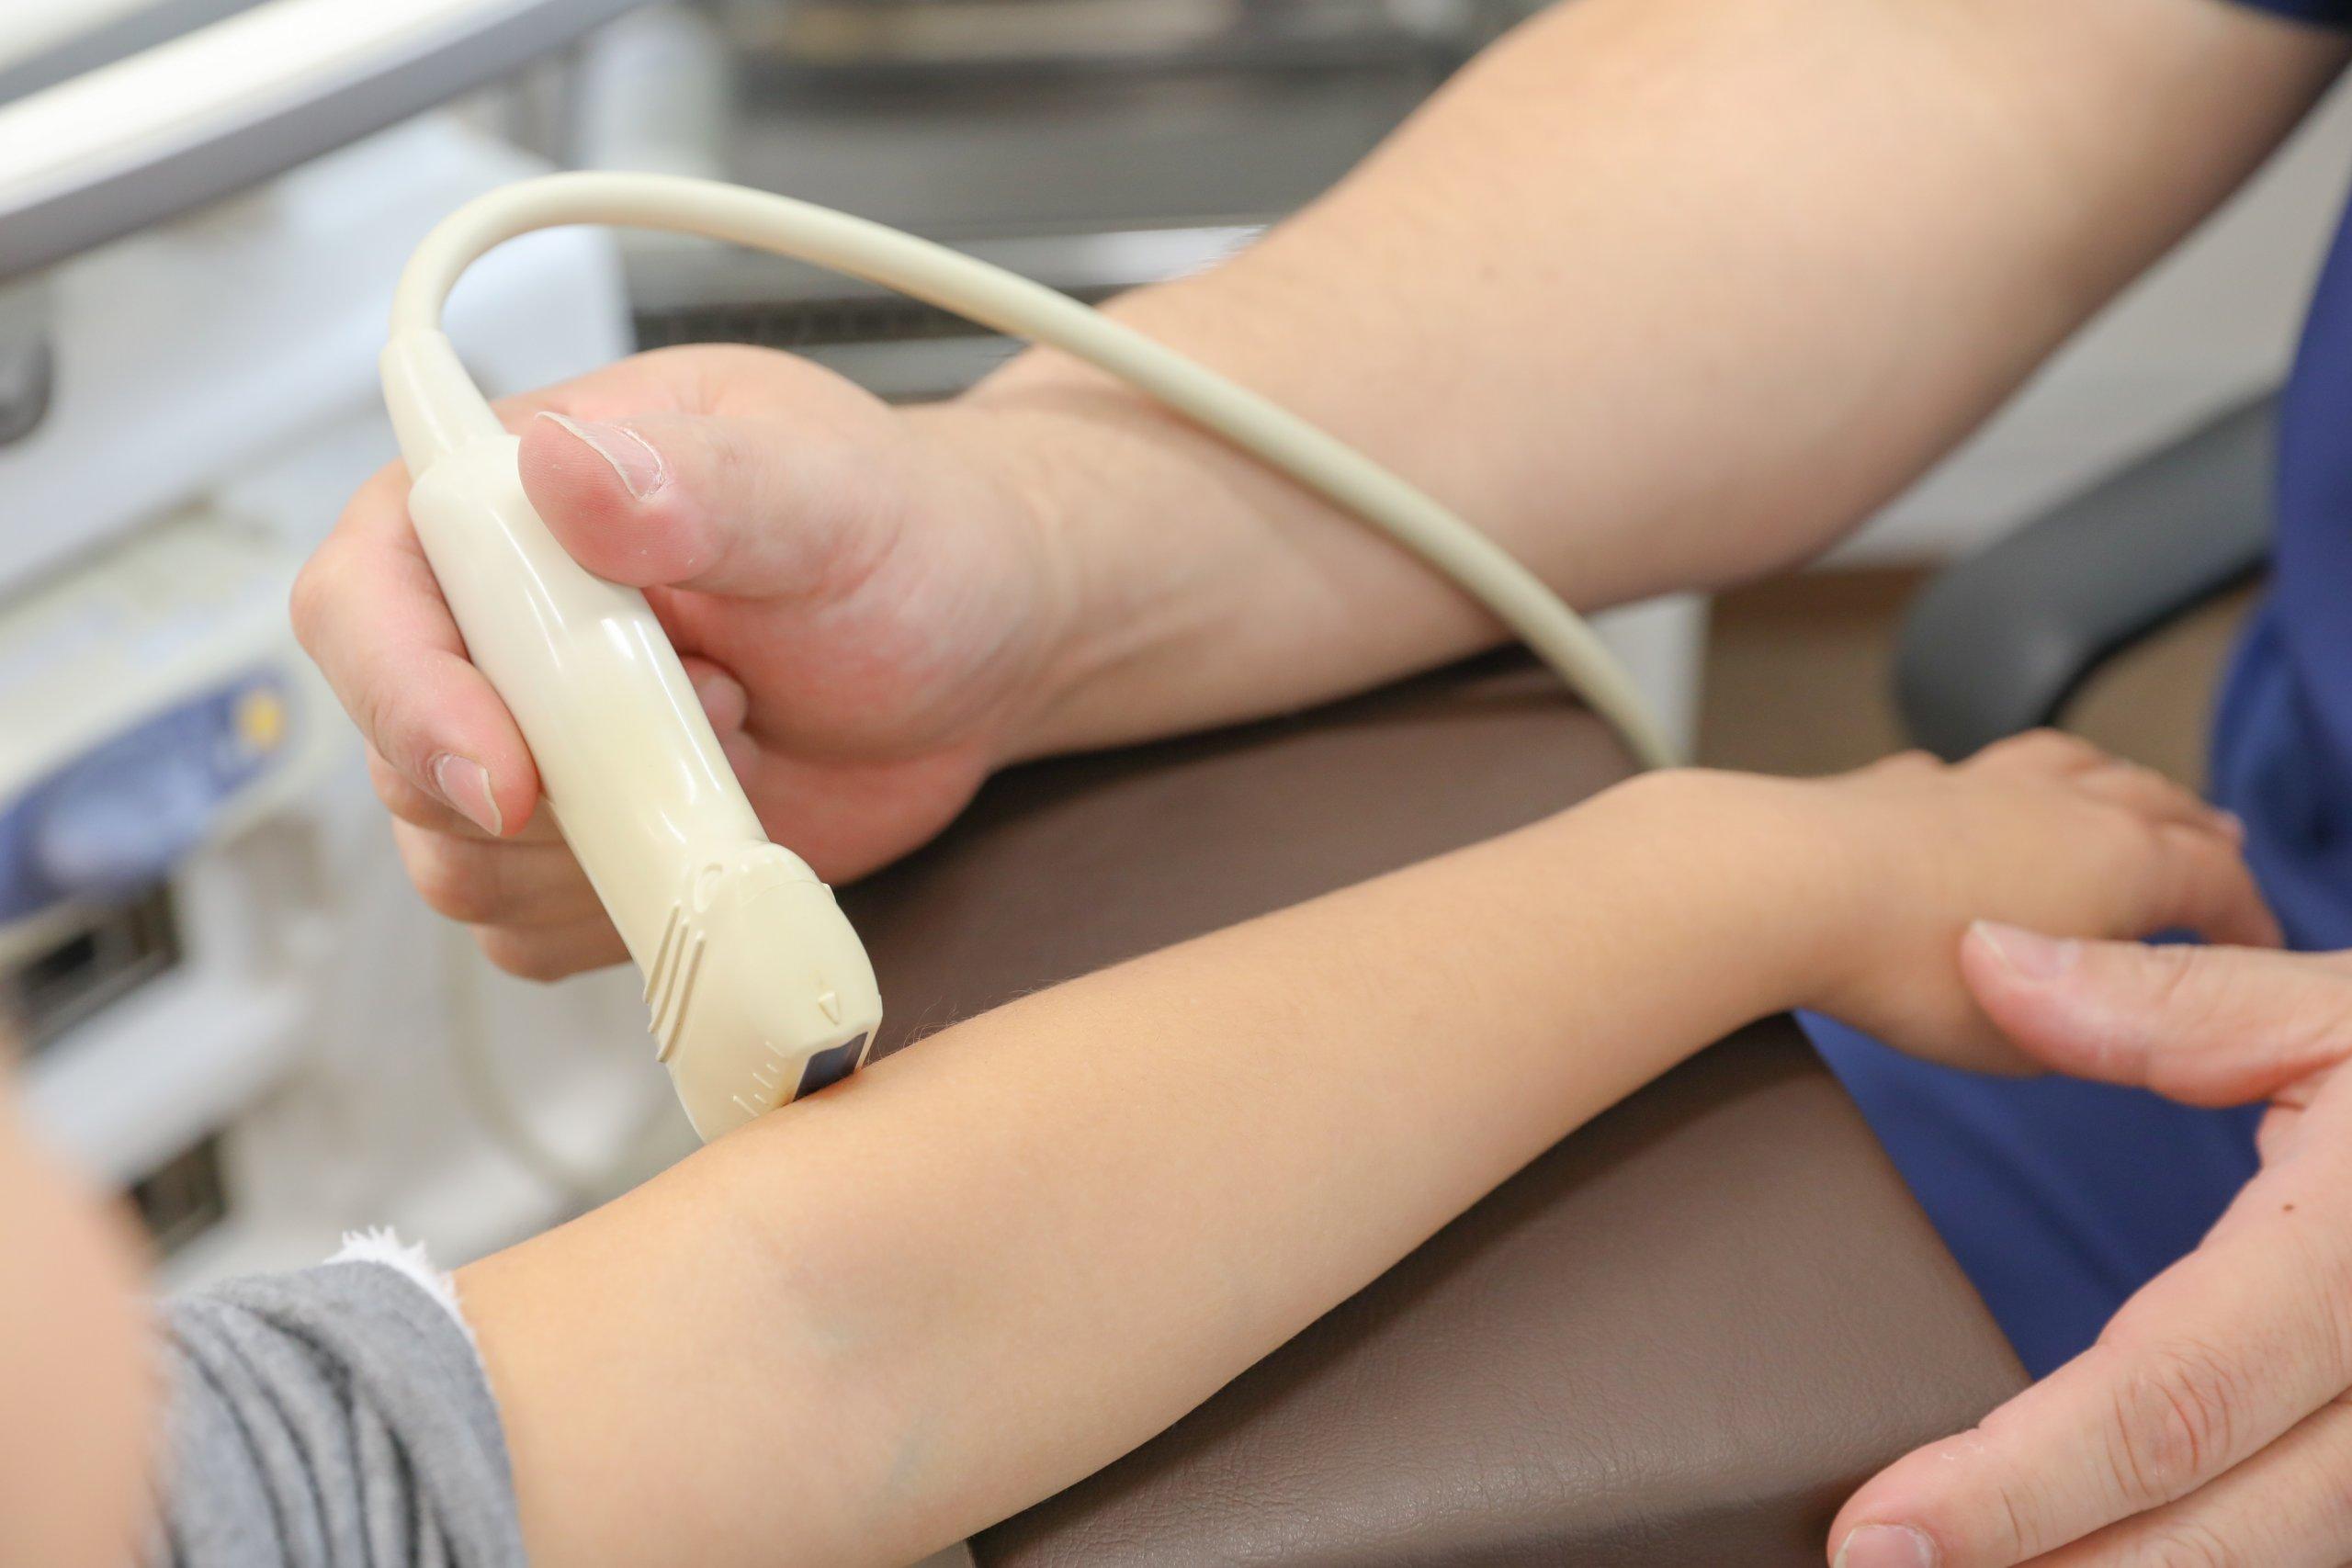 長年の経験・知識と<br>超音波診断装置(エコー)による正確な診断